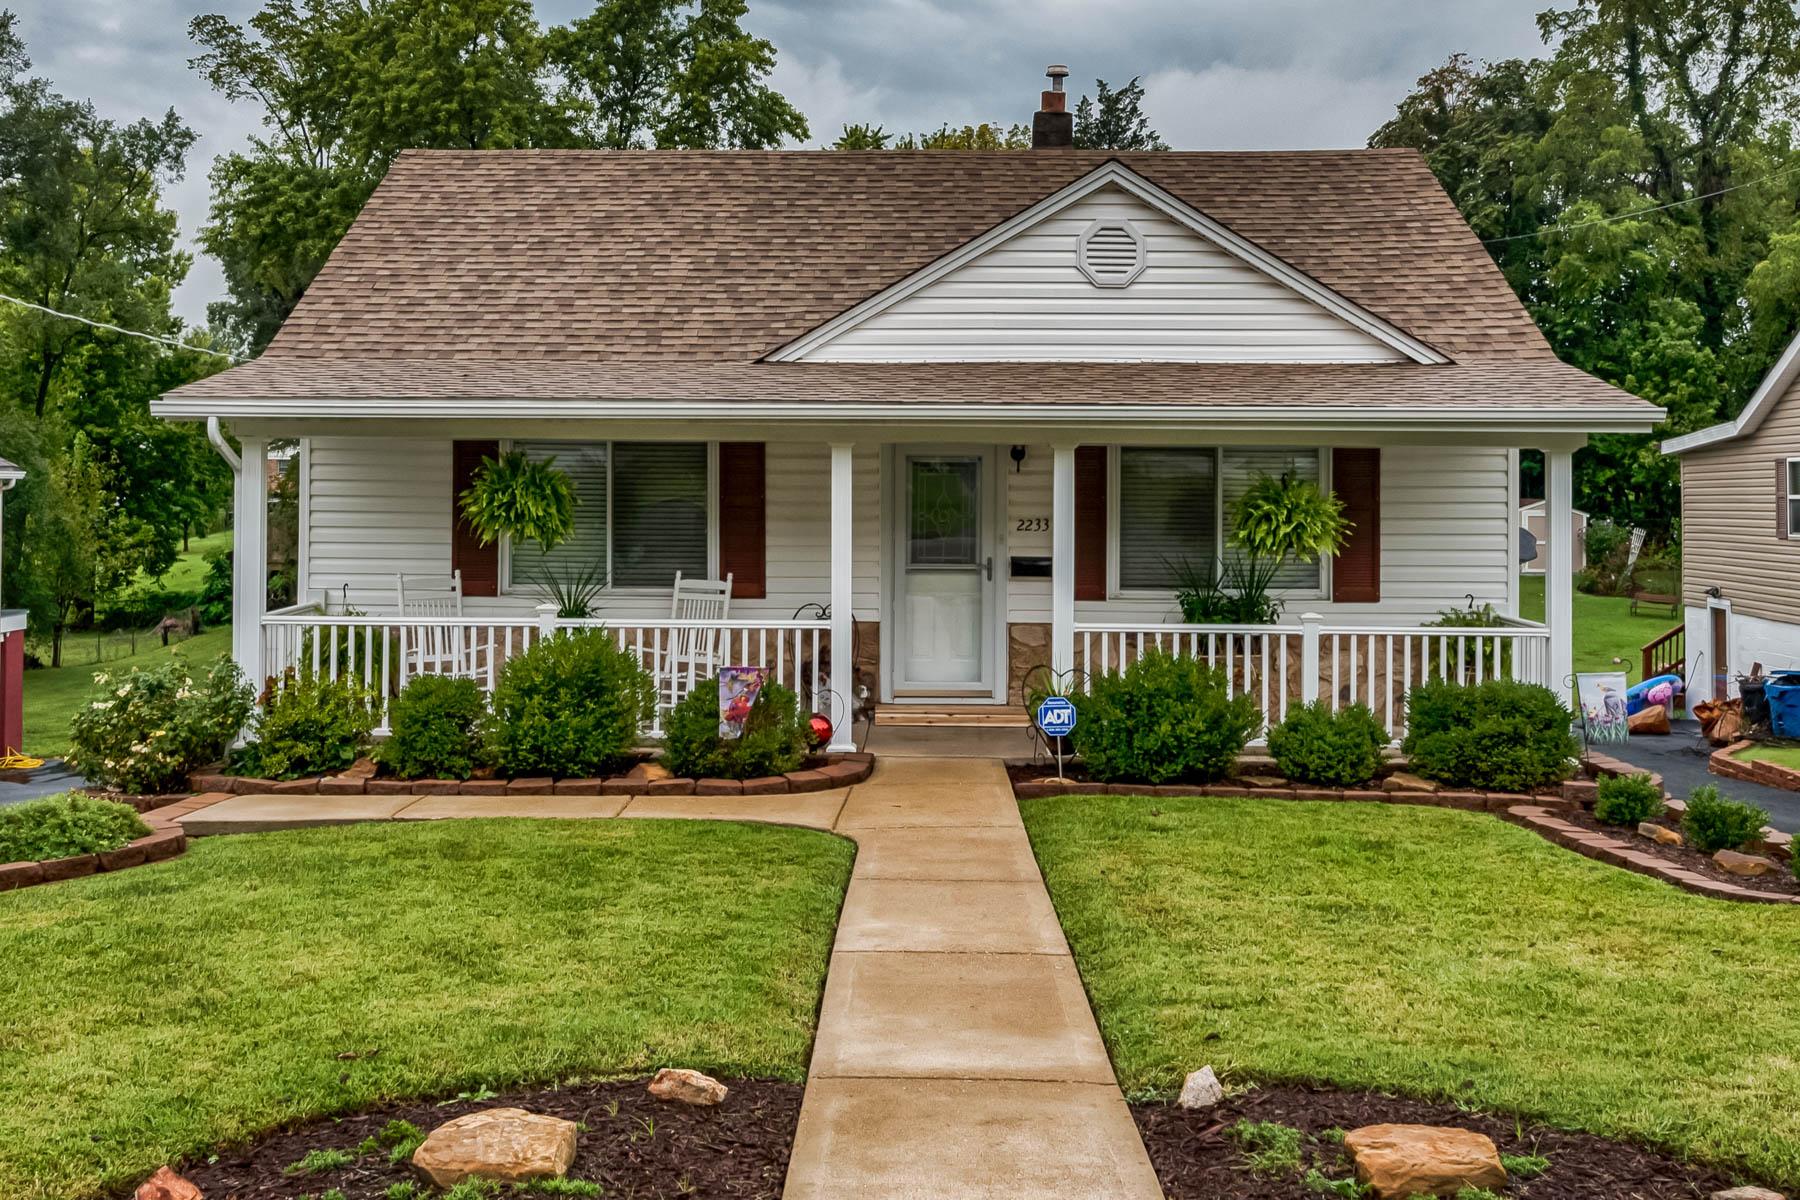 Casa para uma família para Venda às Hood Ave 2233 Hood Ave Overland, Missouri 63114 Estados Unidos